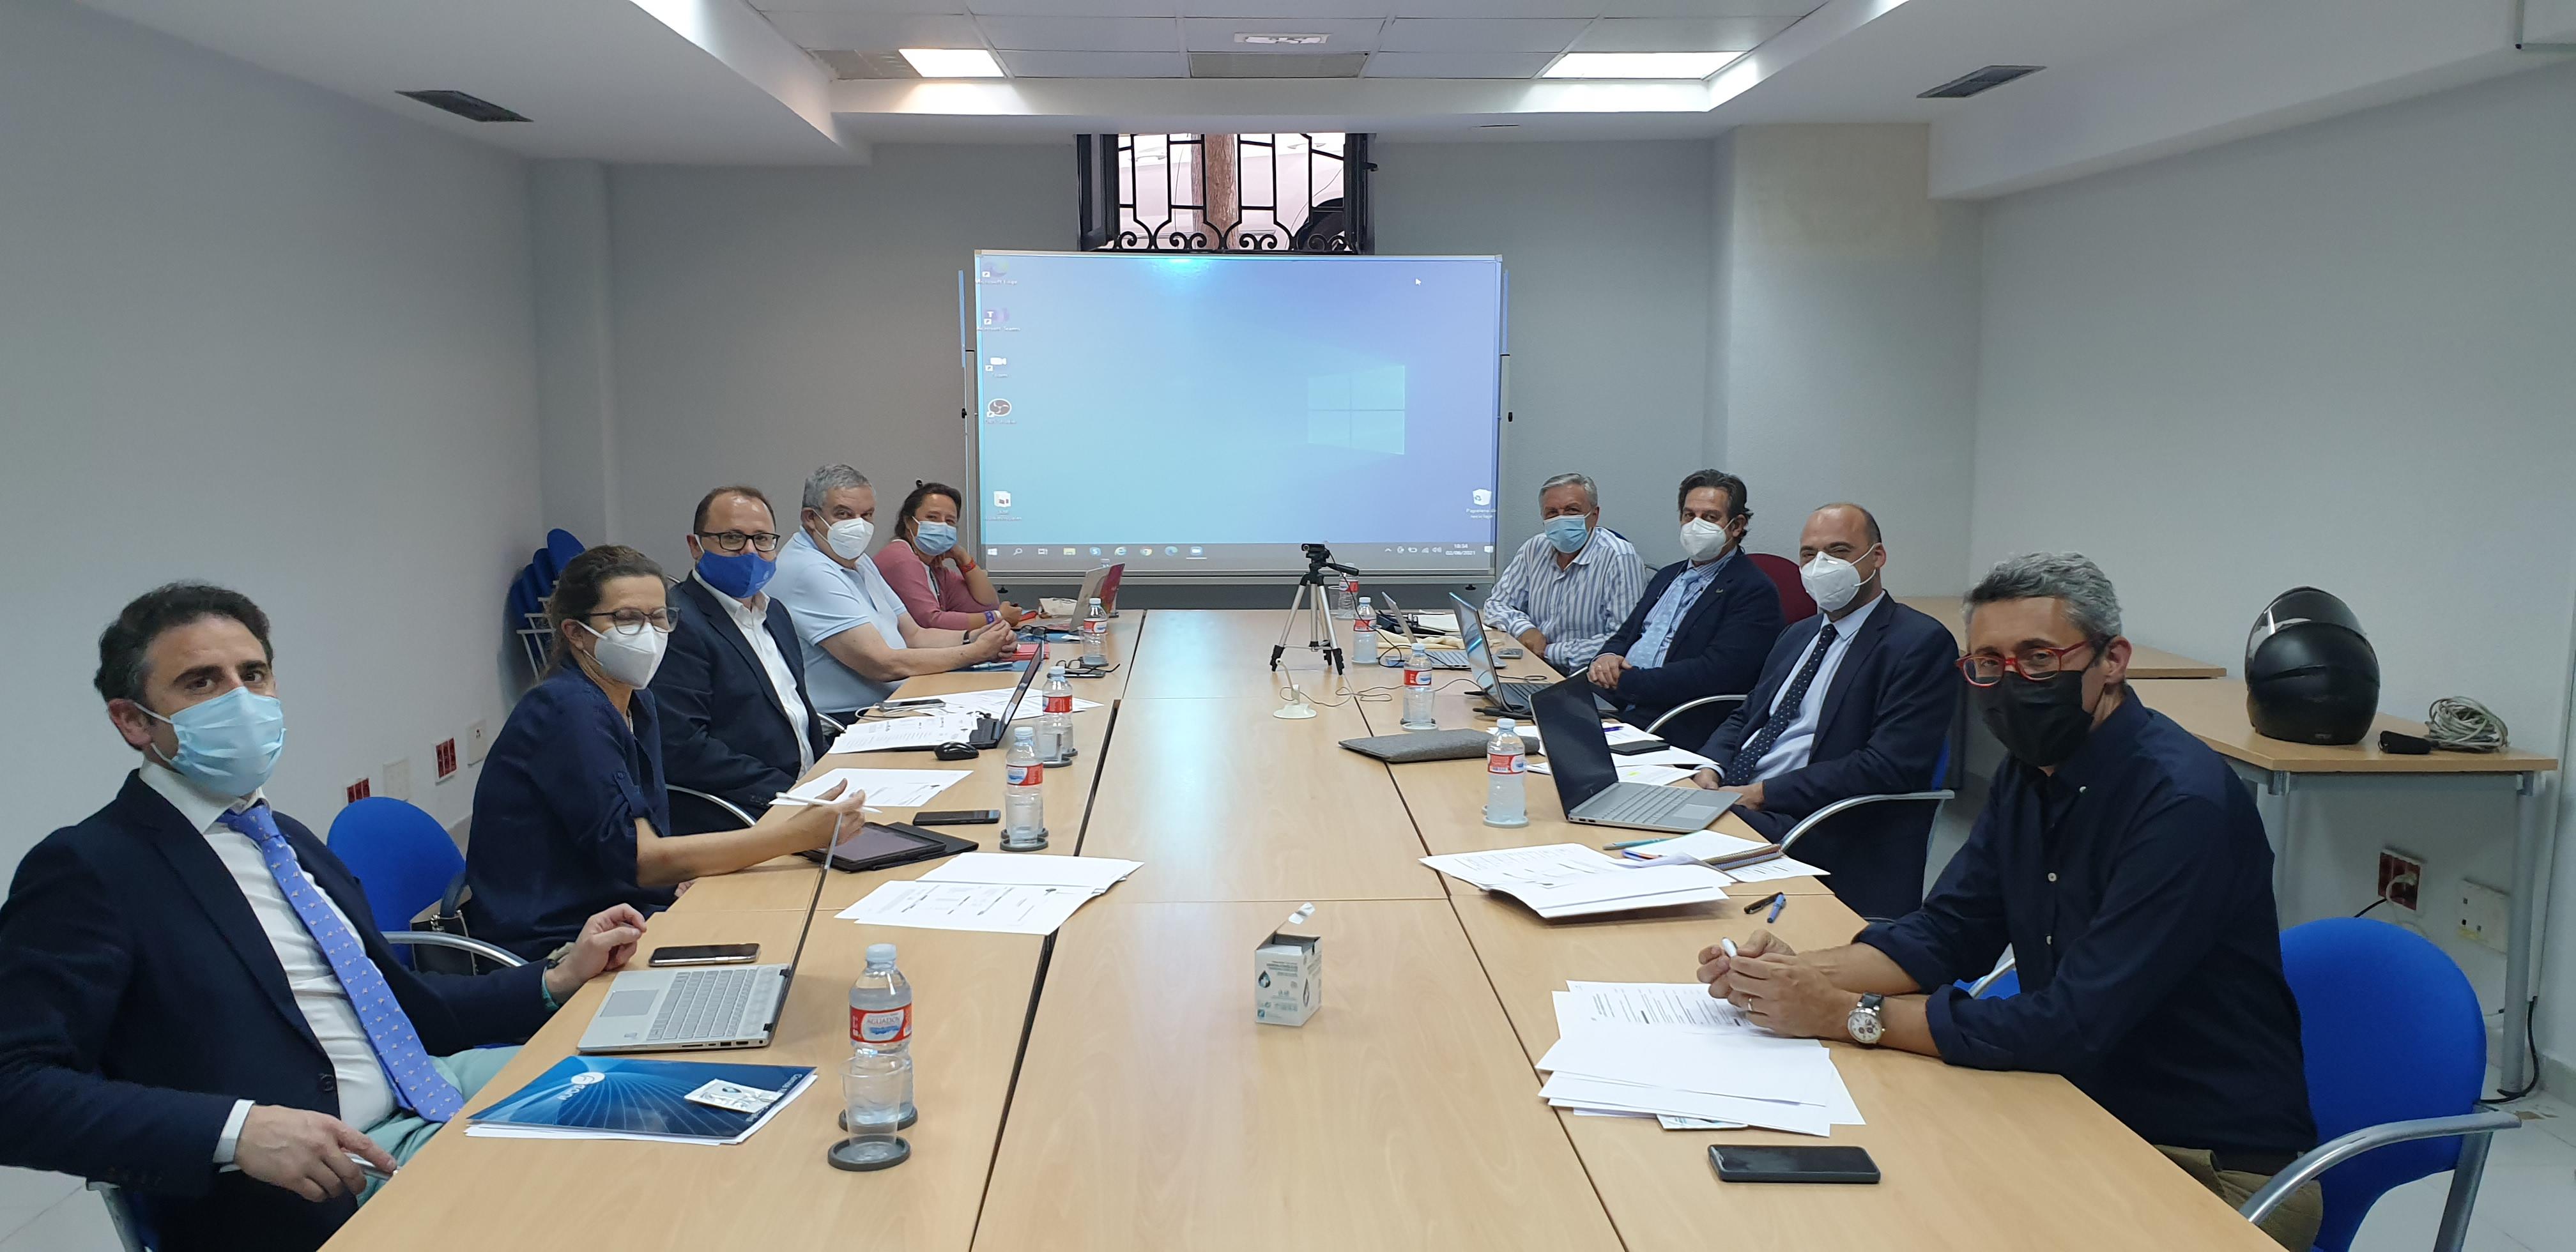 El Comité Nacional Español de la FEANI renueva sus cargos para los próximos 3 años